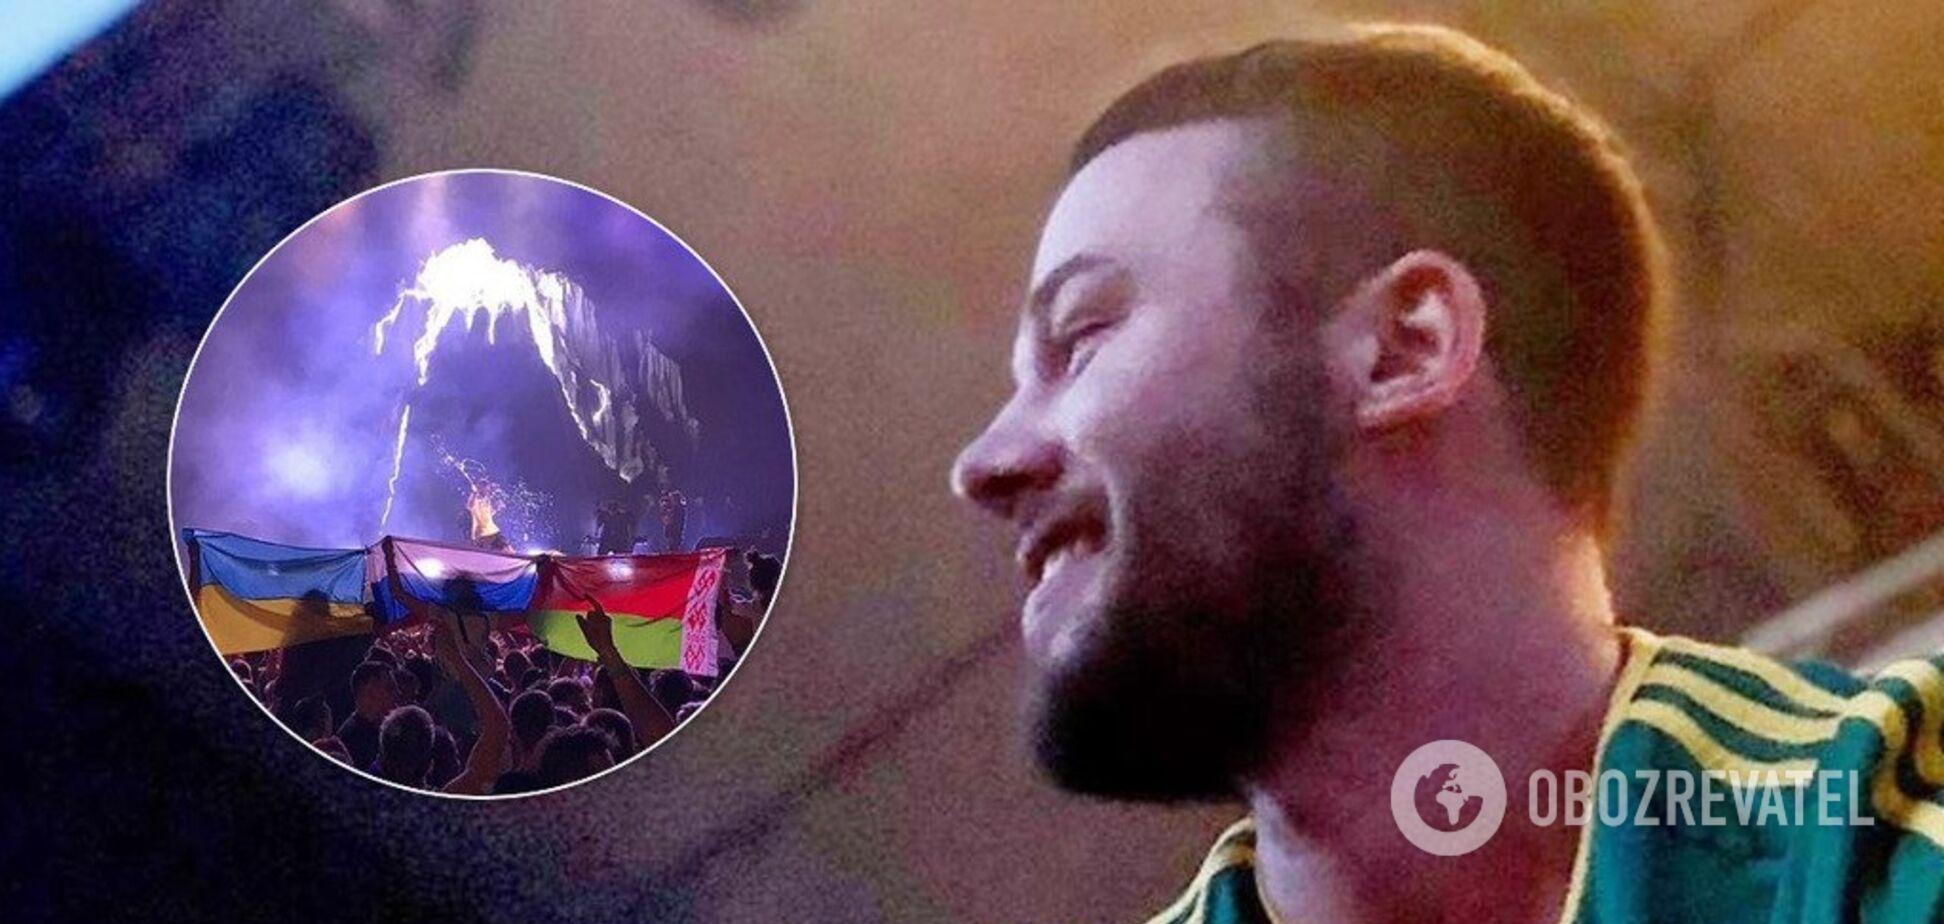 'Ідіть в д**у, брати!' У мережі розгорівся скандал через прапор України на концерті в Москві